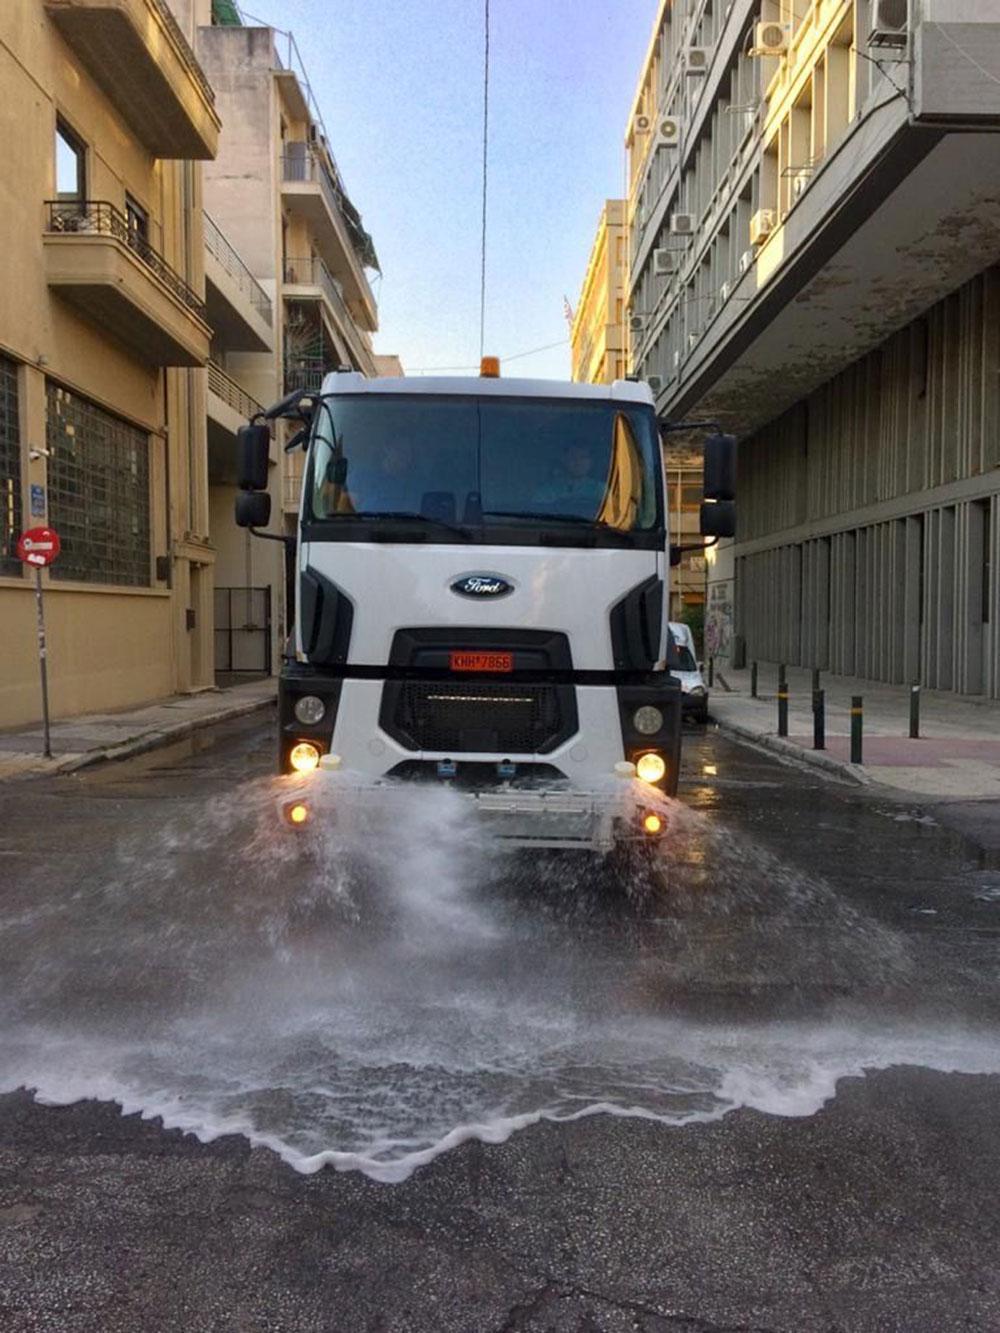 Επιχείρηση καθαριότητα από τον Δήμο Αθηναίων στο Μεταξουργείο